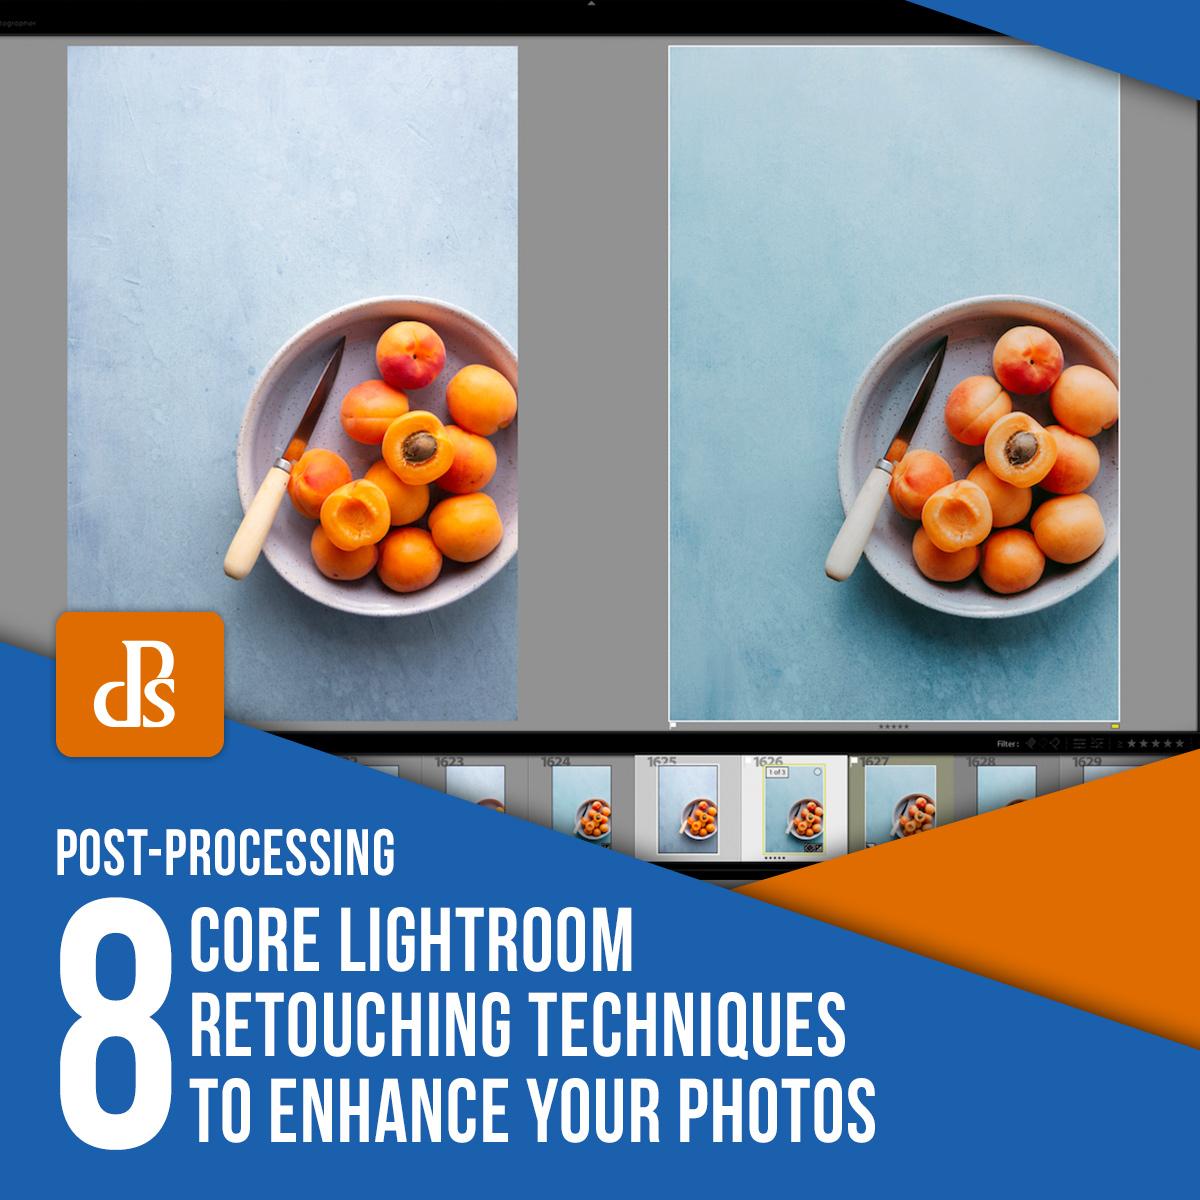 dps-core-lightroom-retouching-techniques